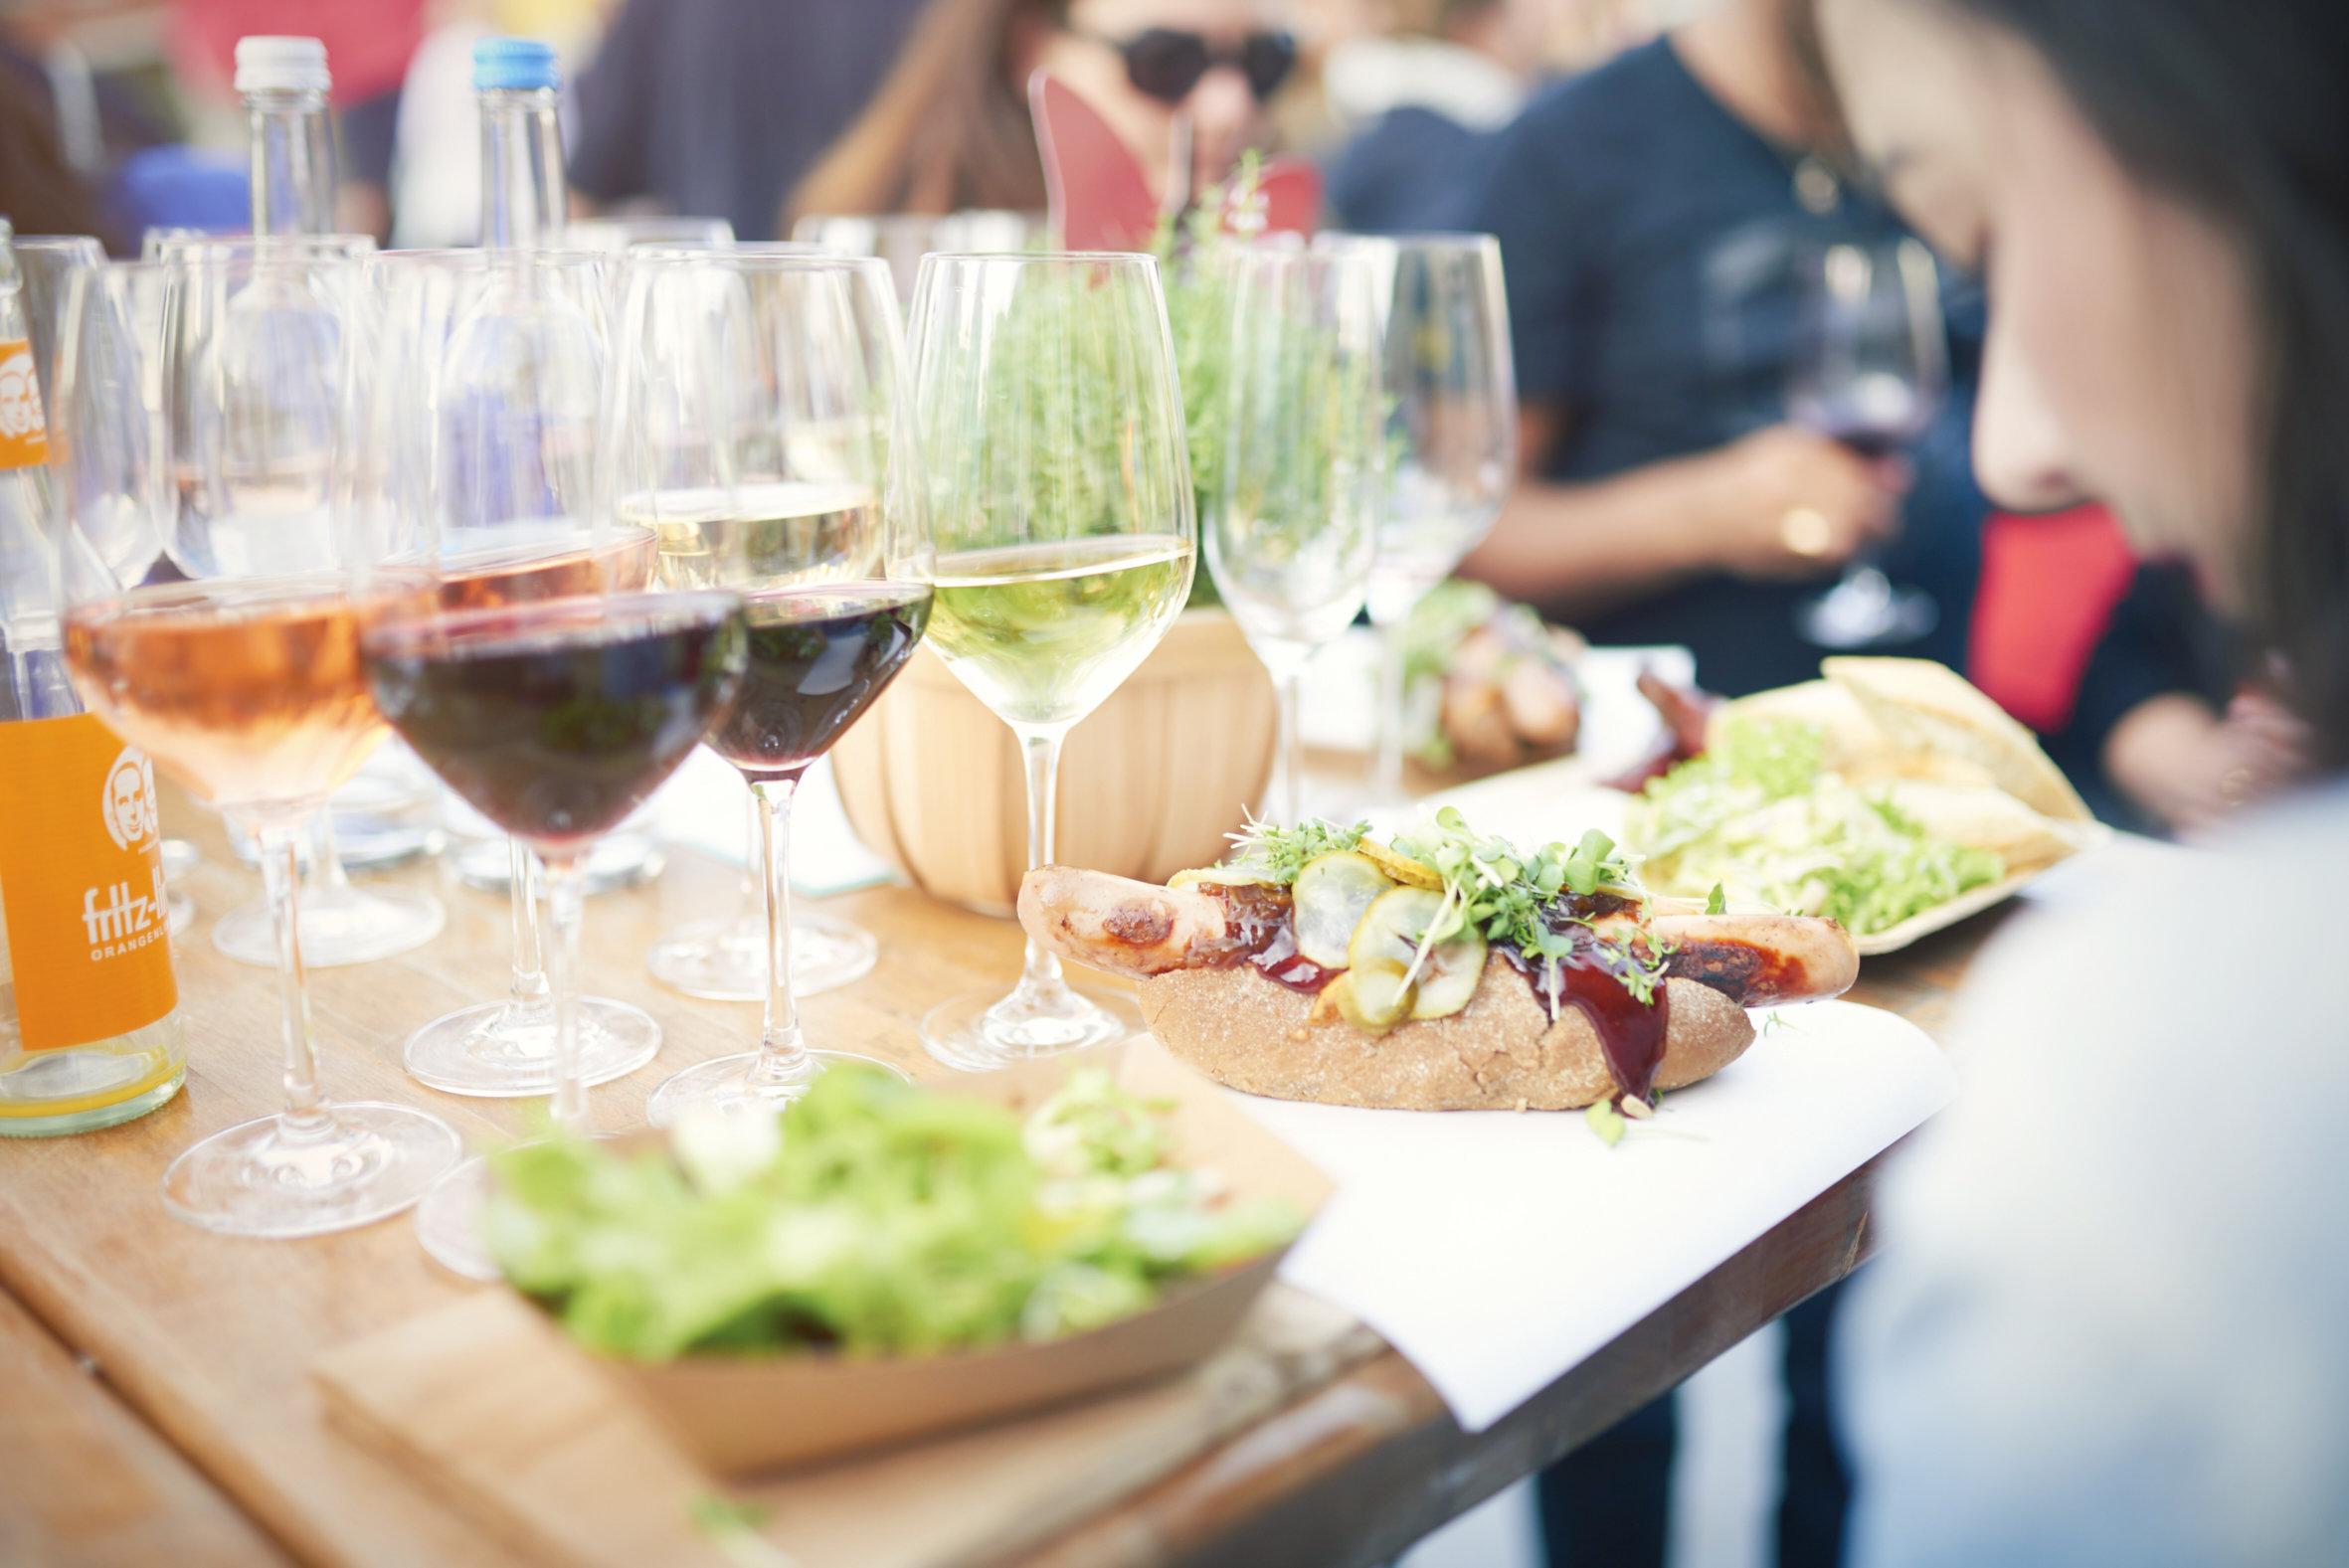 Bordeaux Wine Festival Liverpool